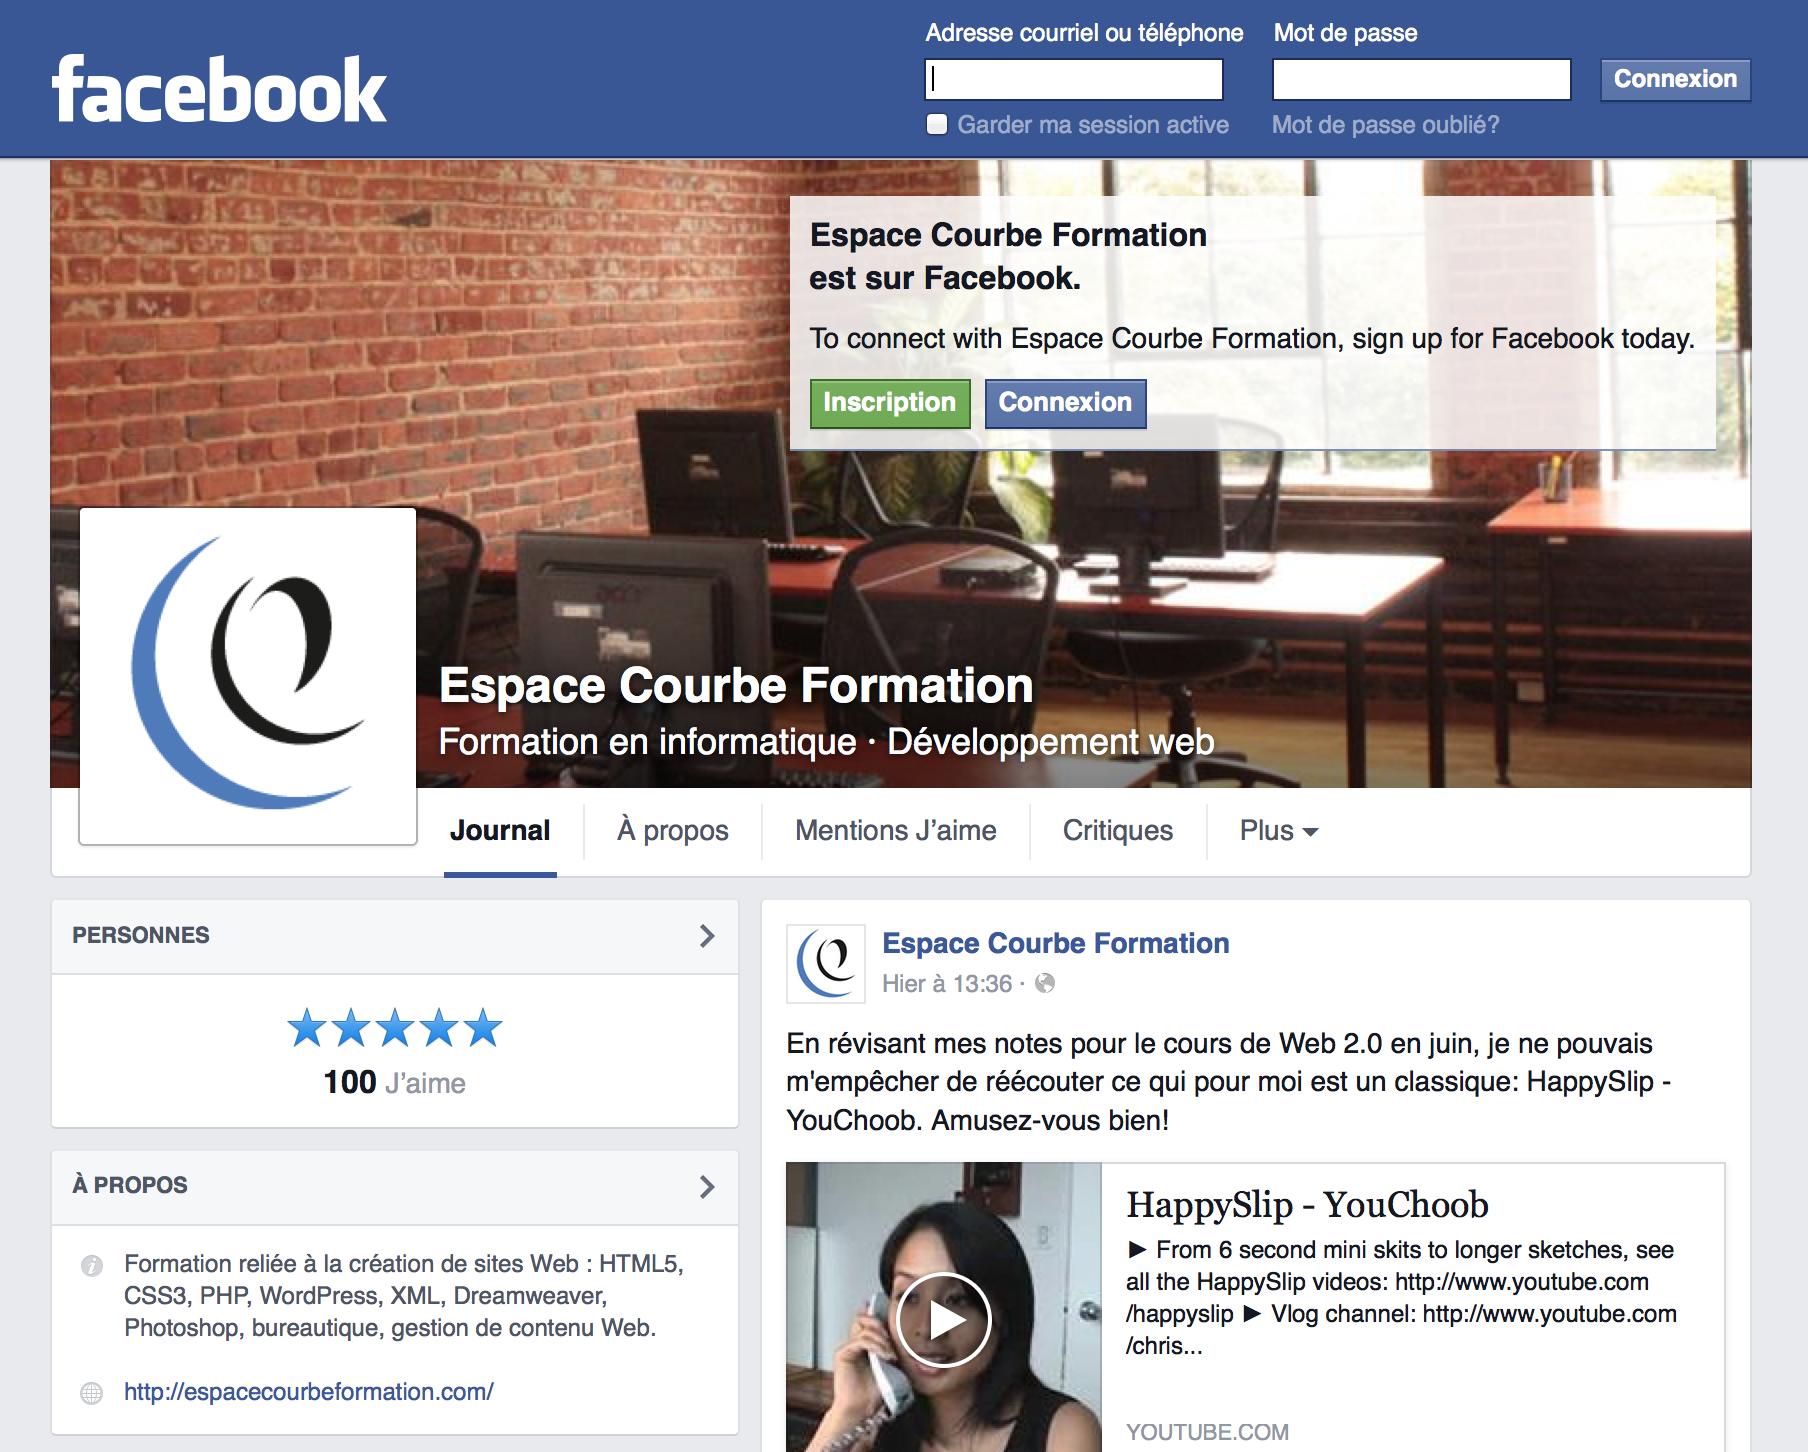 changement de pr u00e9sentation des pages facebook  u2013 blogue espace courbe formation